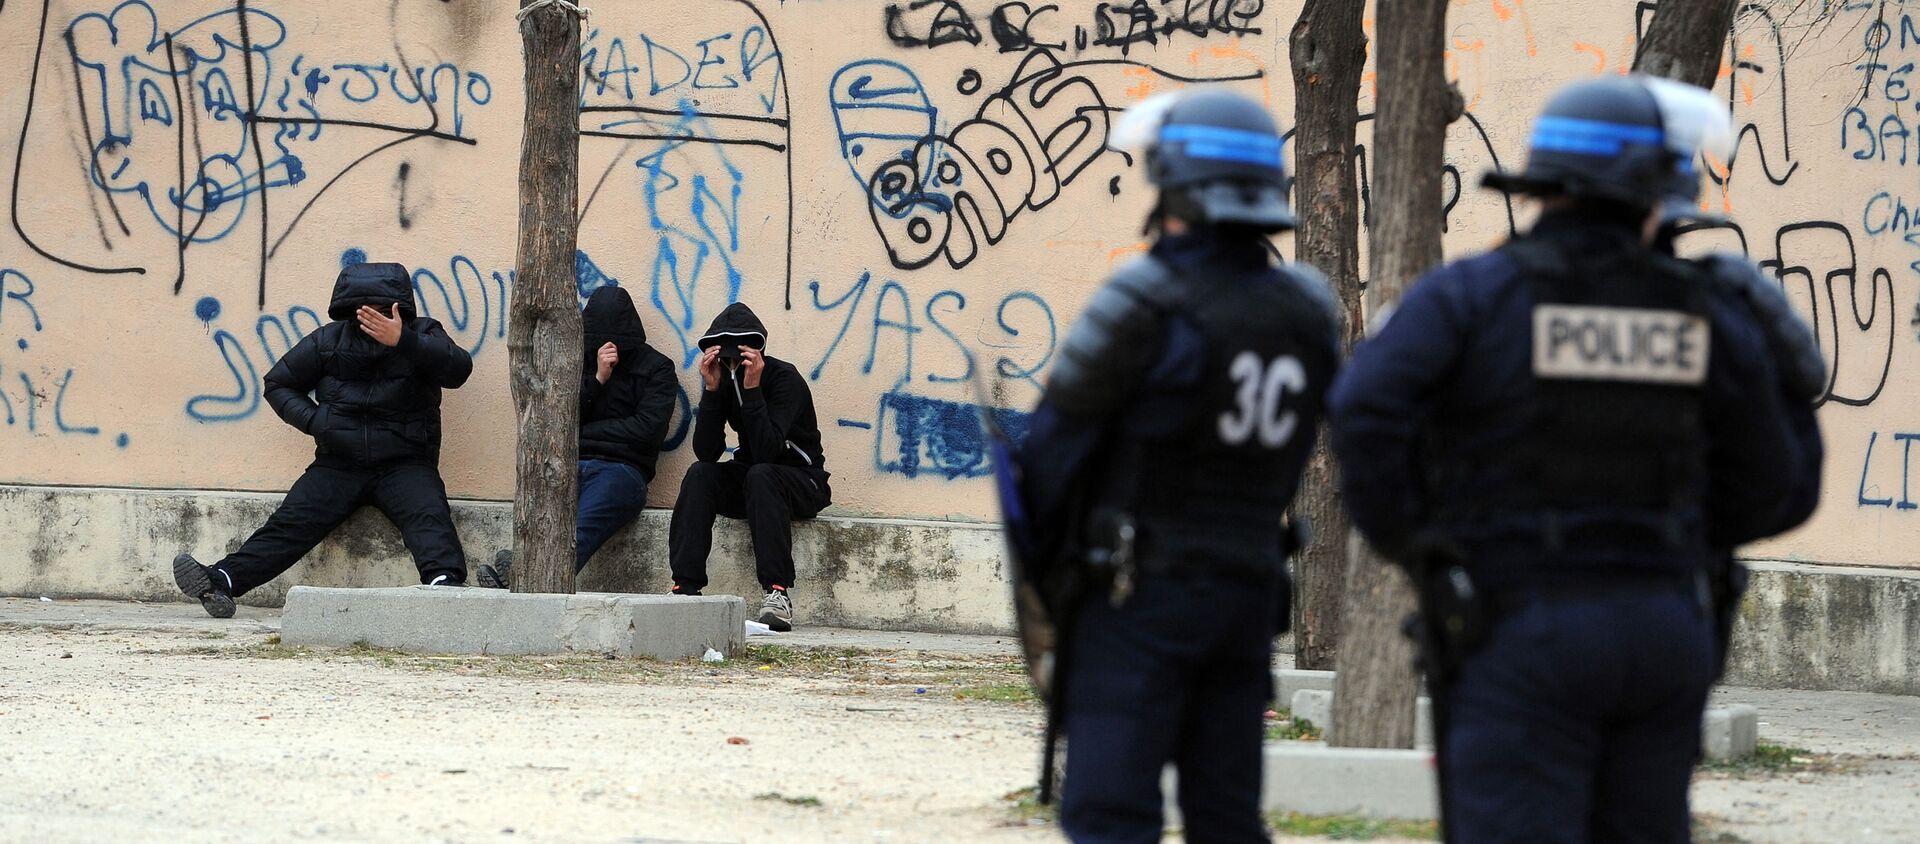 Des policiers français lors d'une opération de police contre la prolifération des stupéfiants et des armes dans les quartiers nord de Marseille, janvier 2012 - Sputnik France, 1920, 24.02.2021